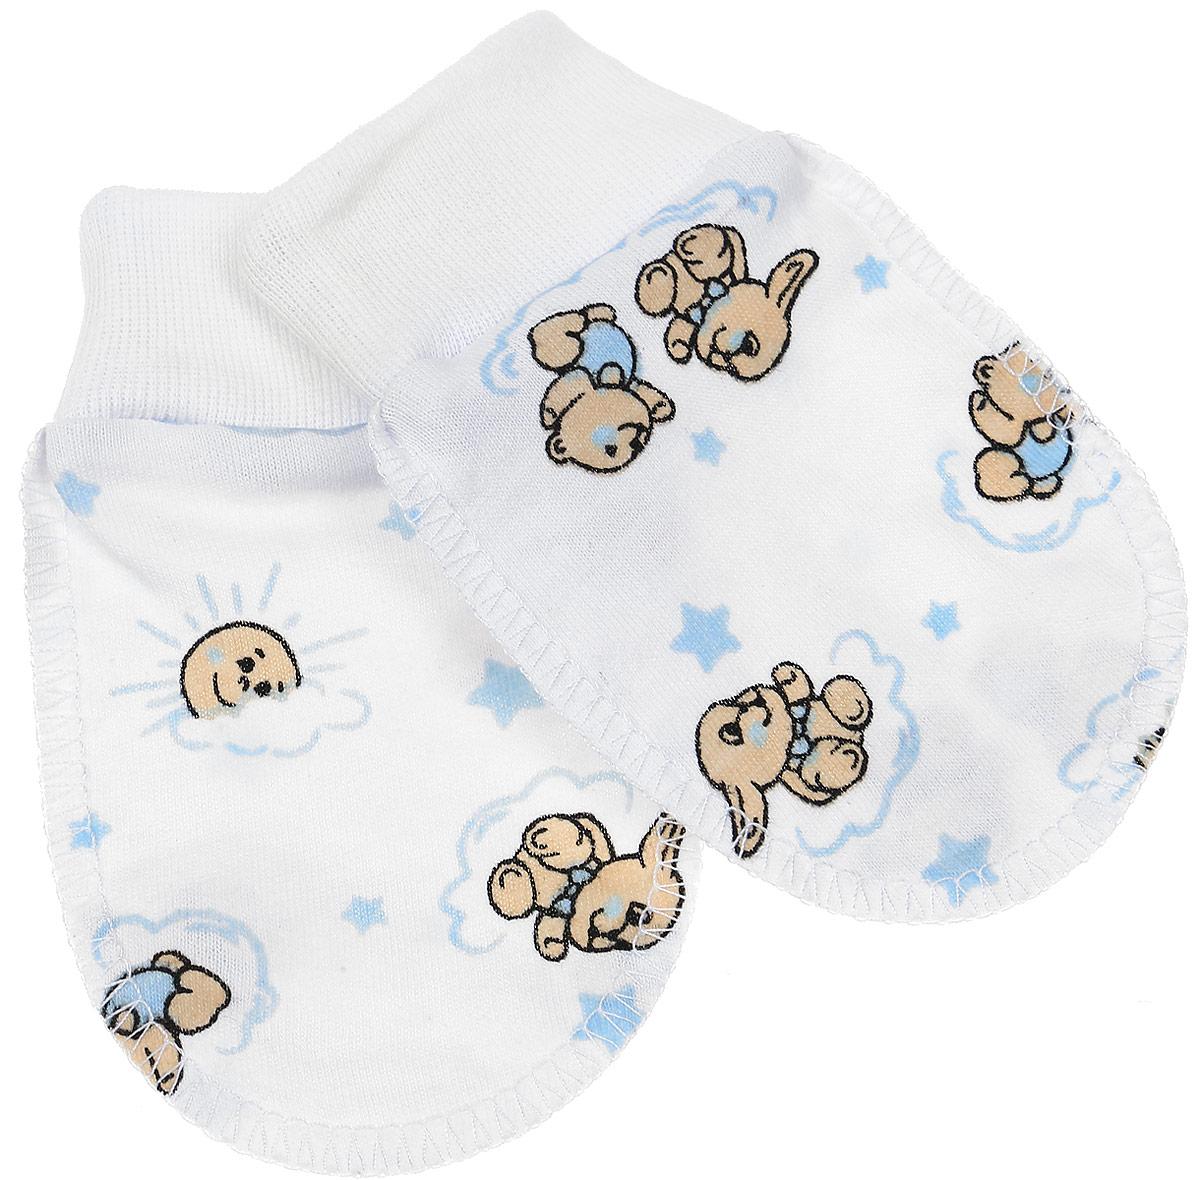 Рукавички Чудесные одежки, цвет: белый, голубой, бежевый. 5906. Размер 625906Рукавички для младенцев Чудесные одежки изготовлены из натурального хлопка. Они не раздражают нежную кожу ребенка. Широкие мягкие резинки не стягивают ручки. Швы выполнены на лицевую сторону.